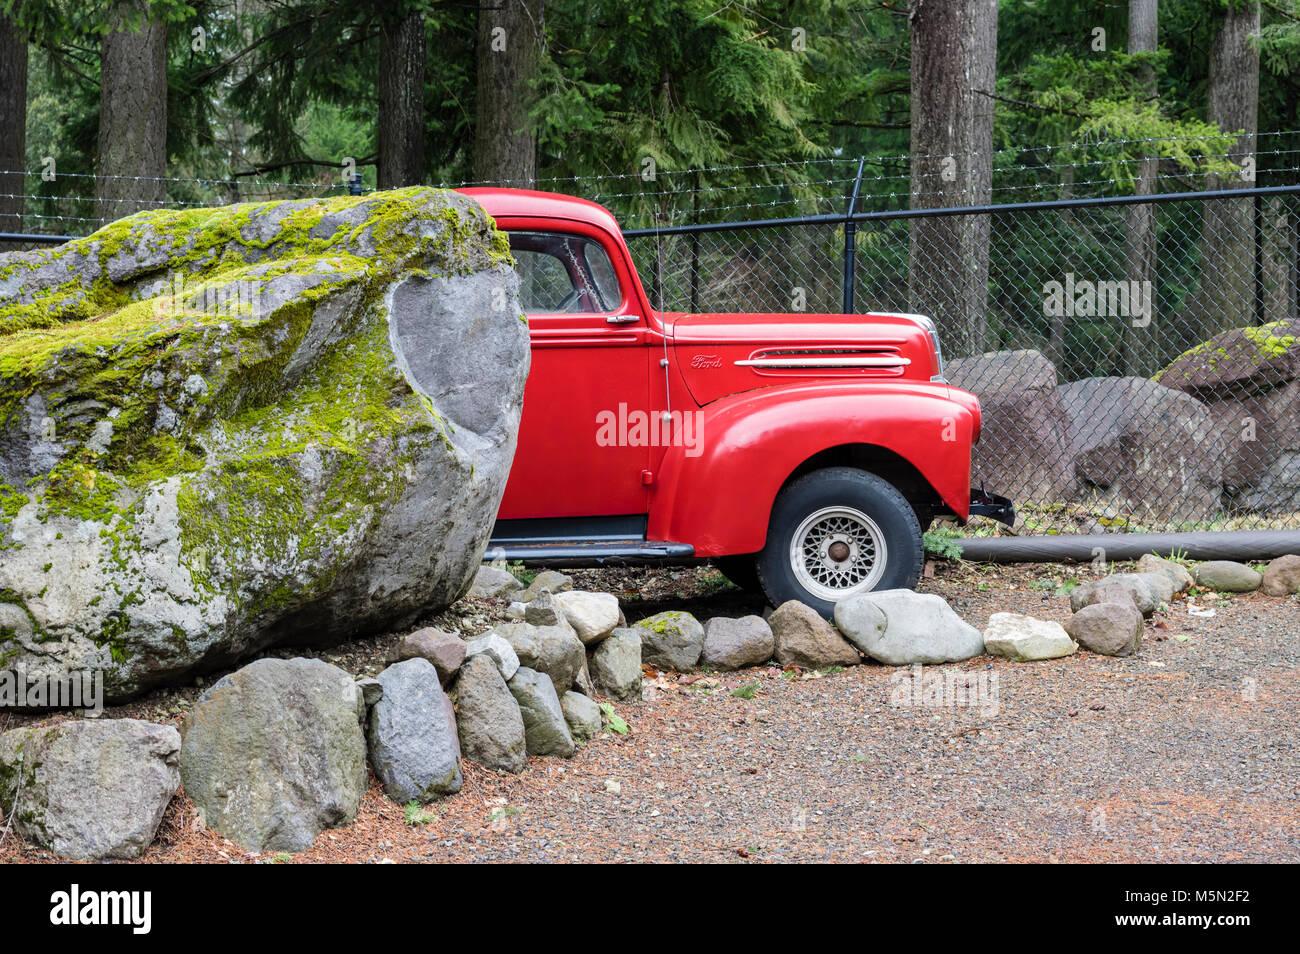 Wiederhergestellten roten Ford Pickup truck in ein Außenlager. Stockbild